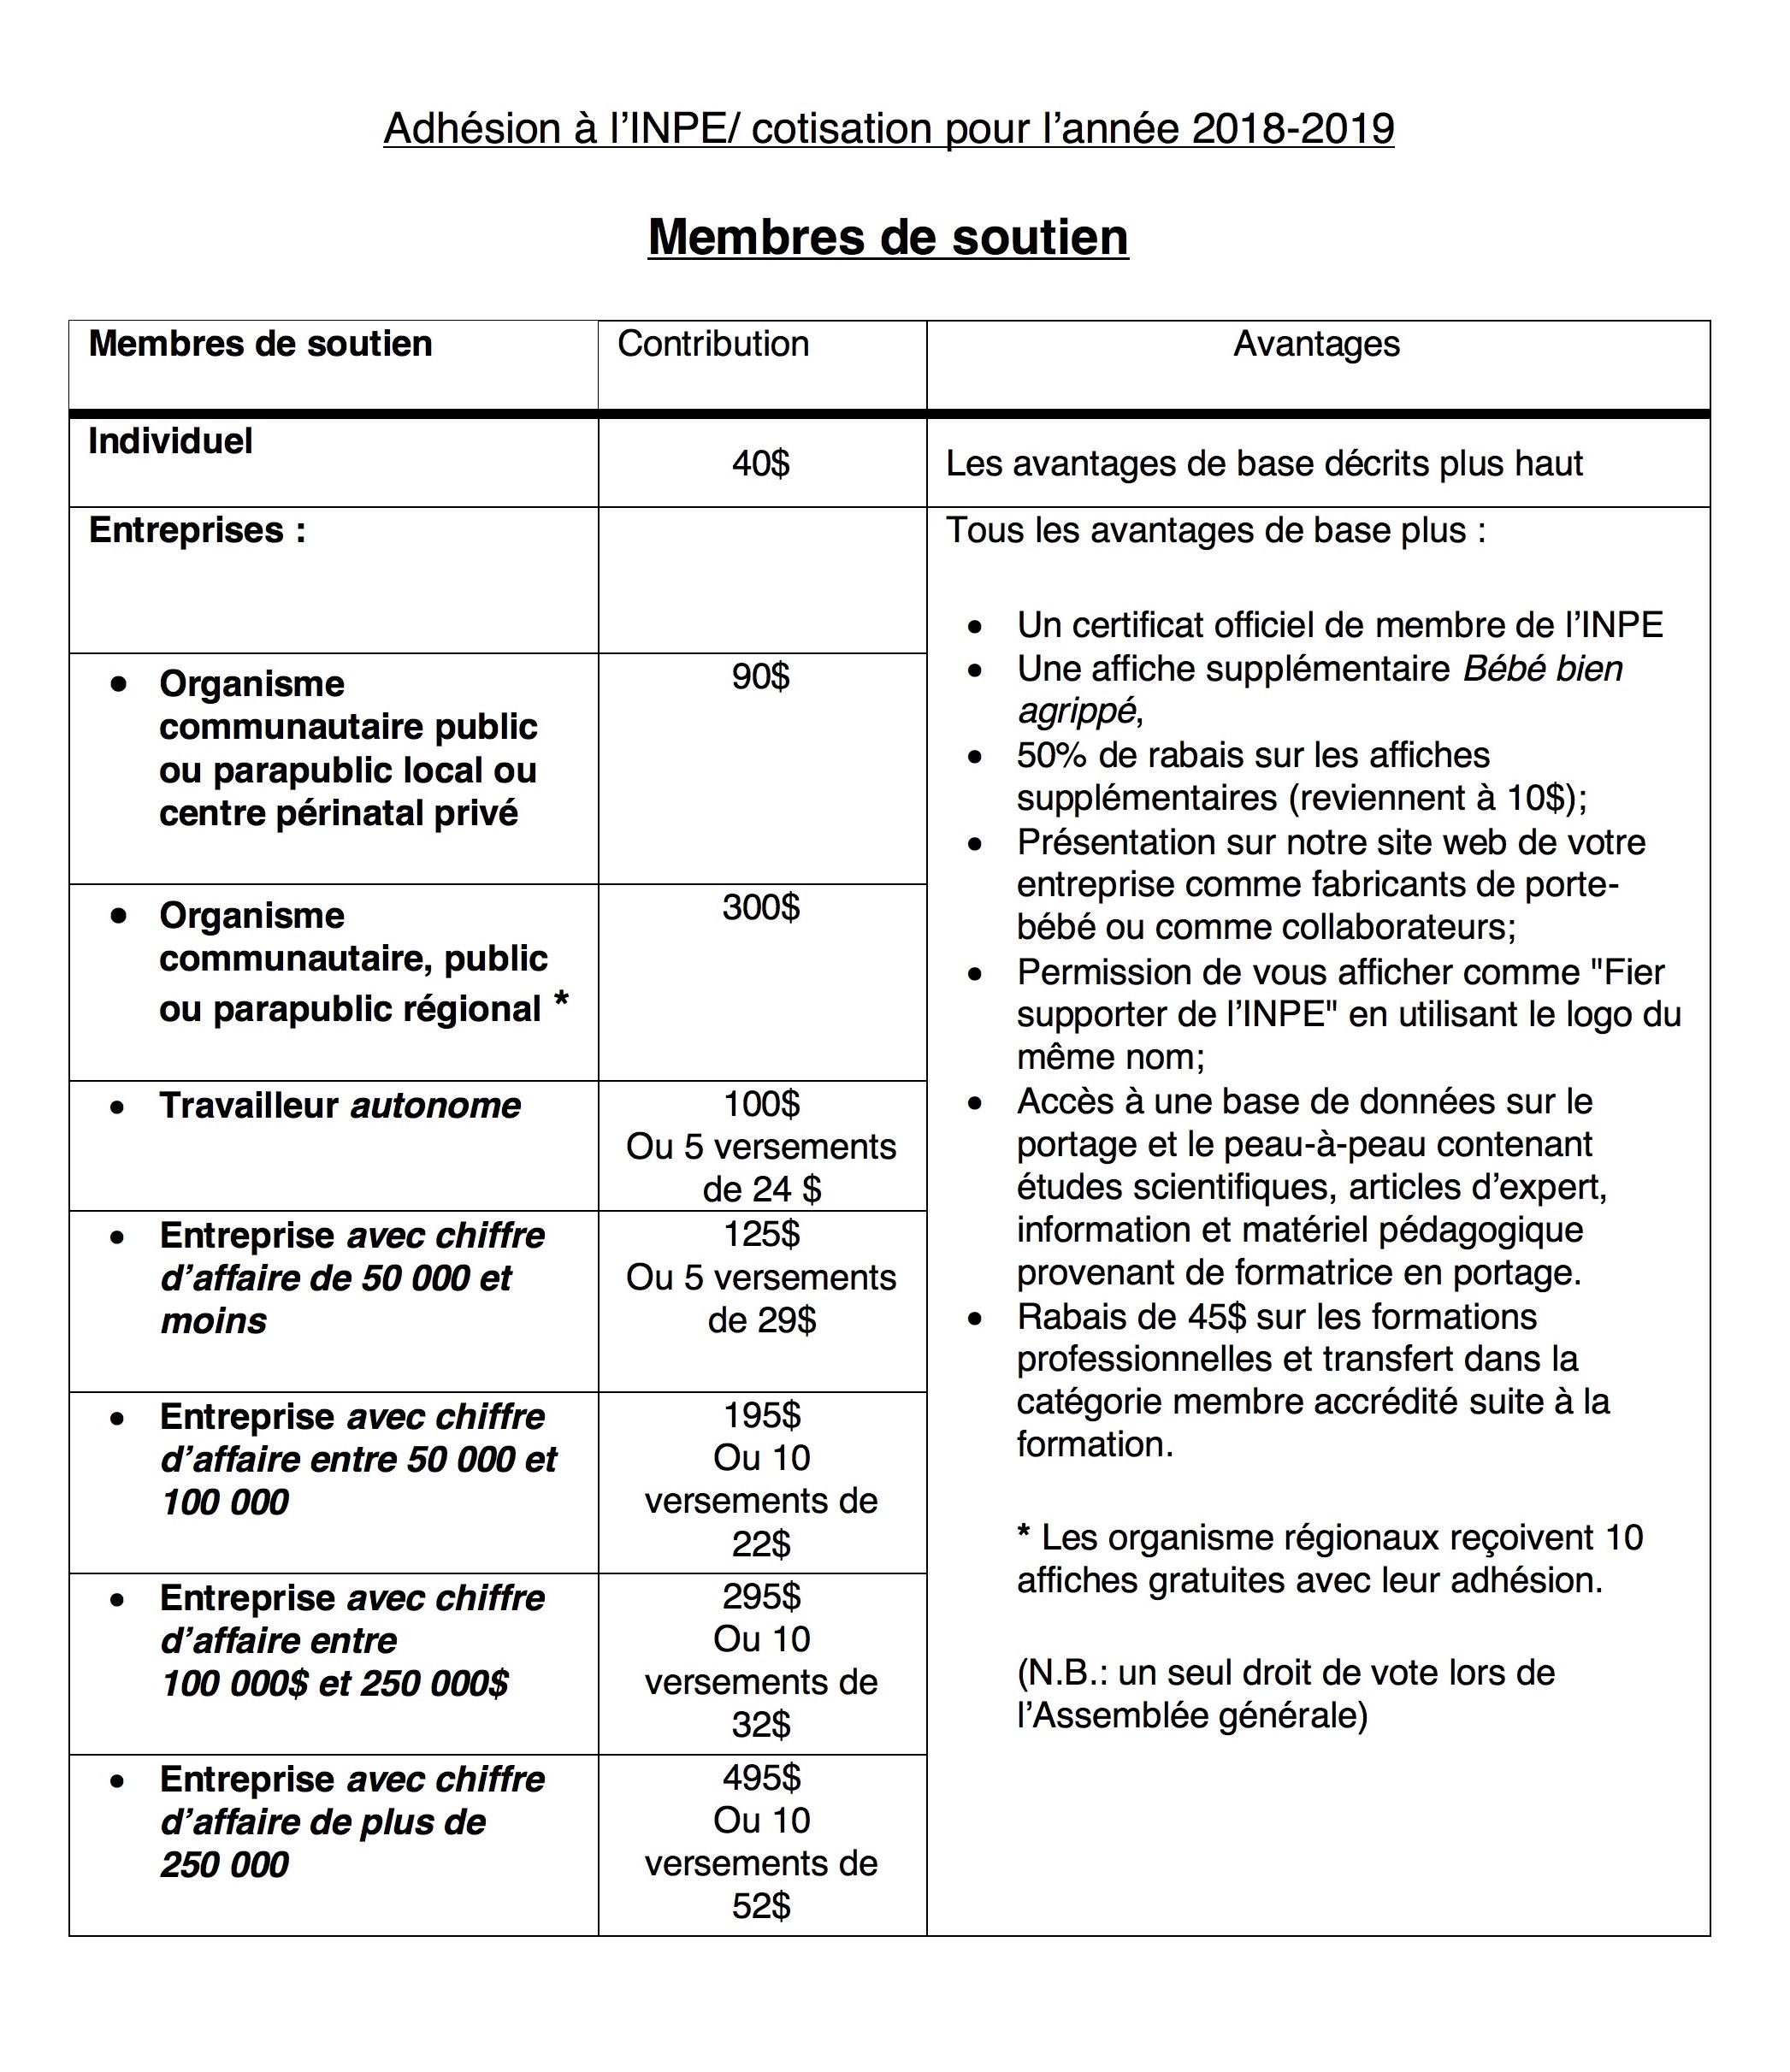 Tableau des tarifs d'adhésion membre de soutien à l'INPE 2019